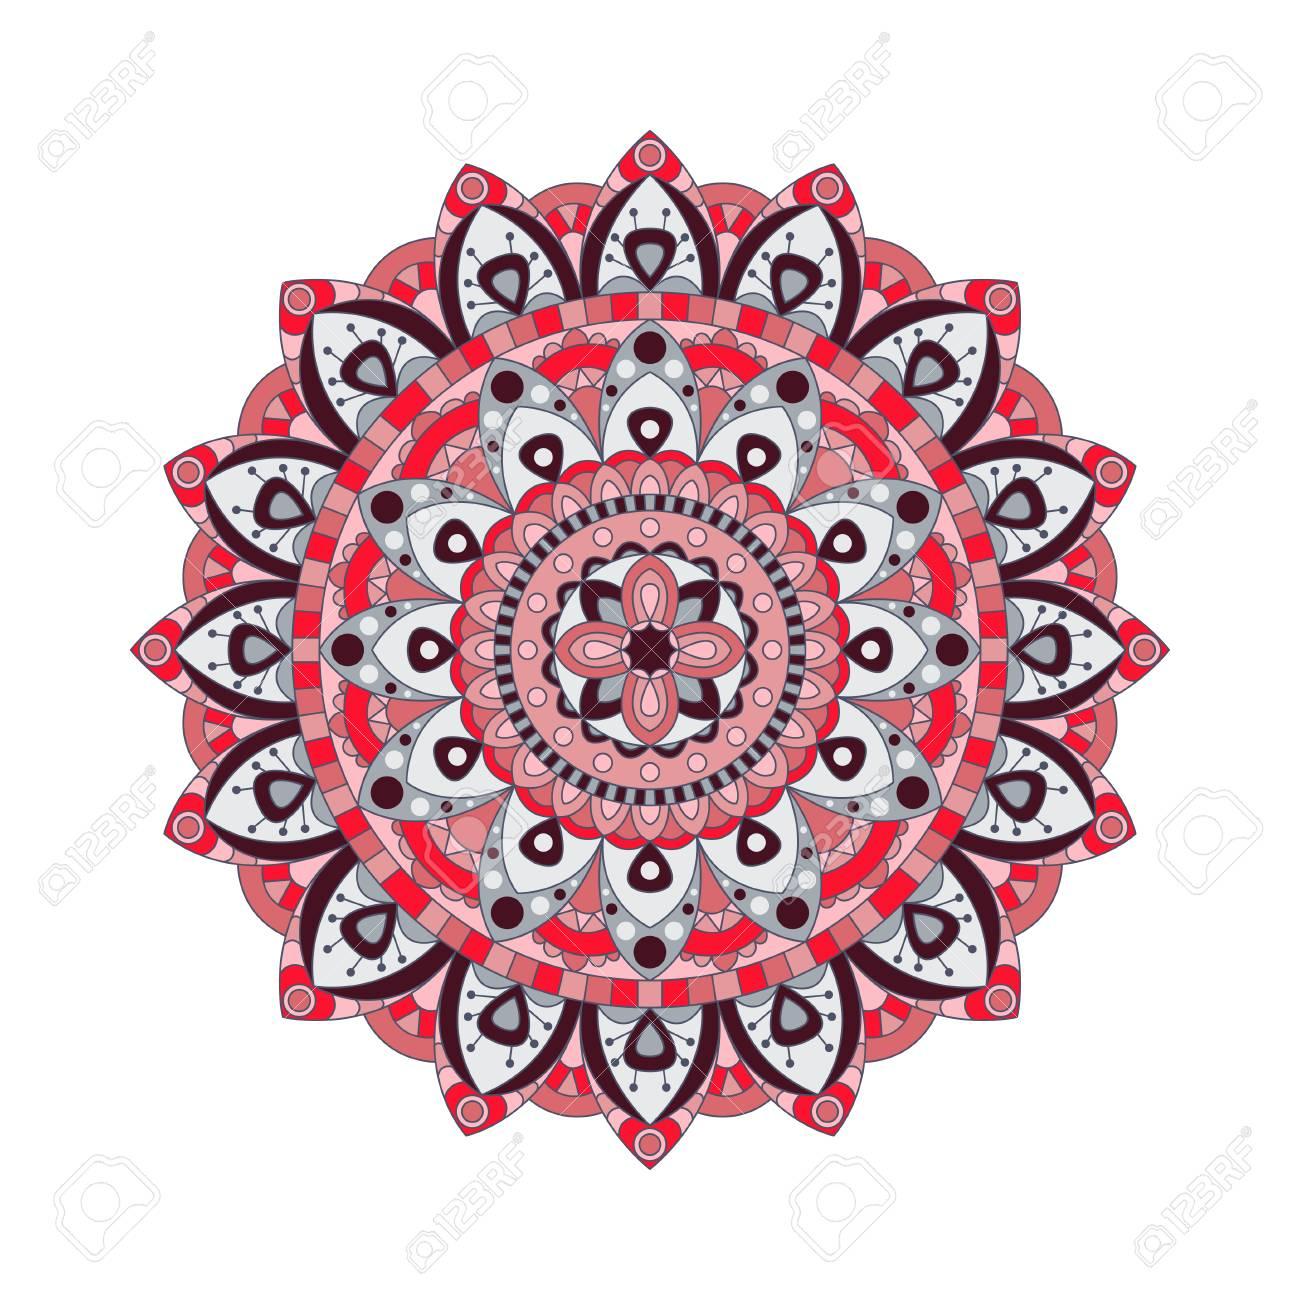 Mandalas Redondas Ornamento No Vetor Elemento Abstrato Do Círculo